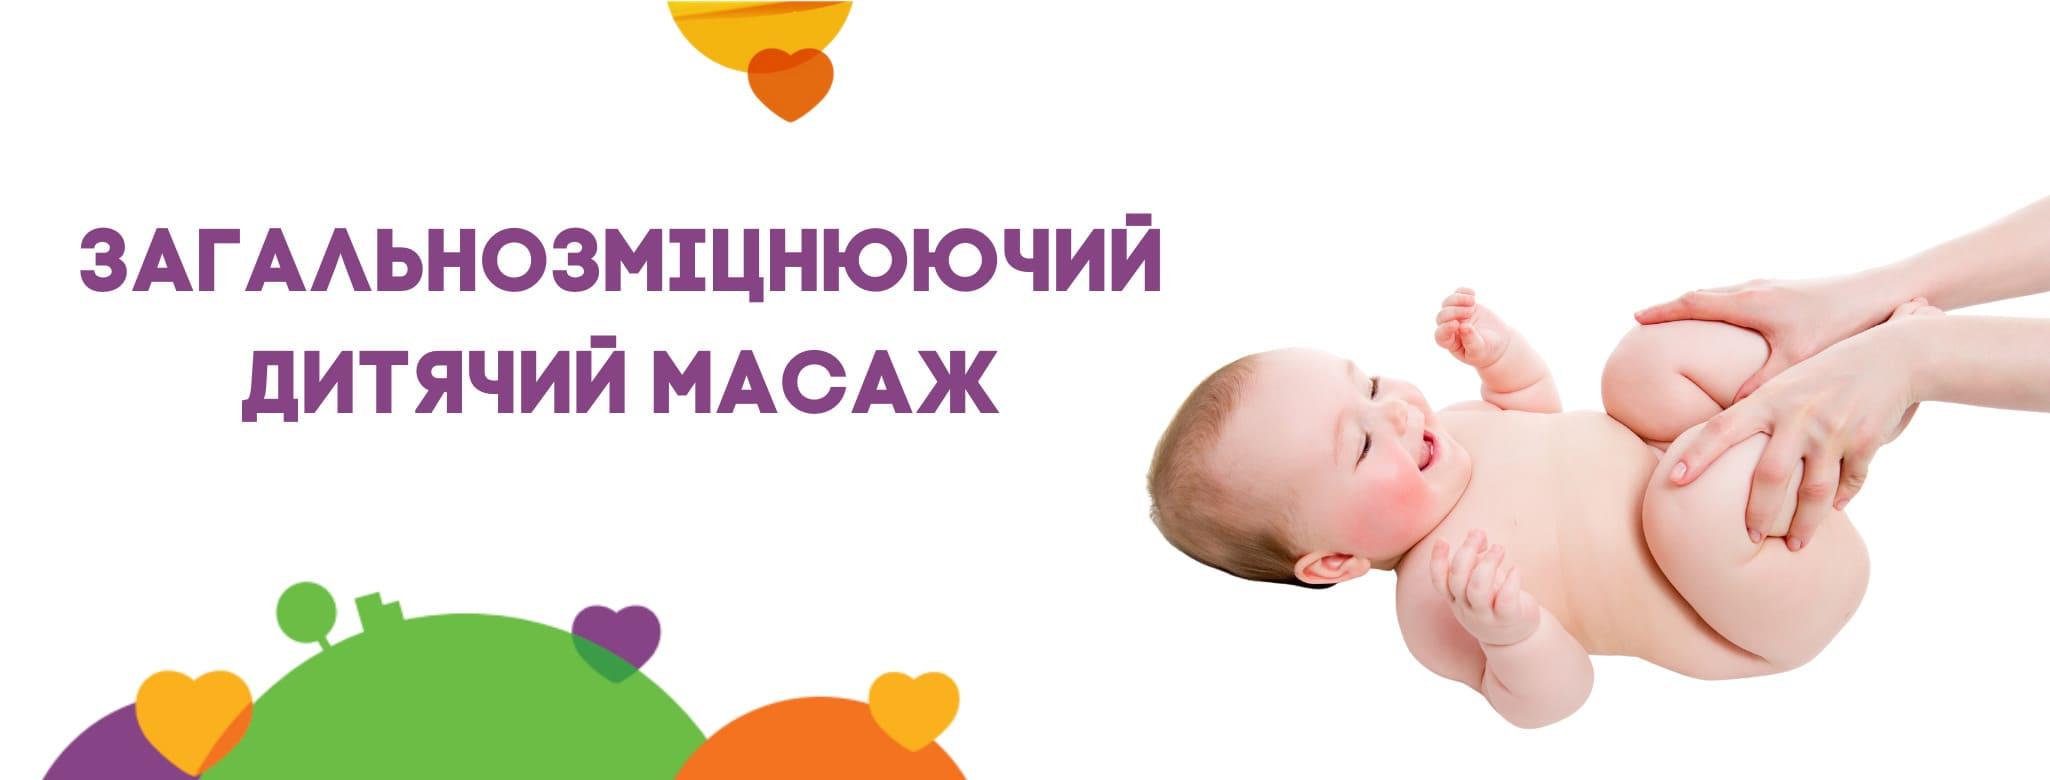 Загальнозміцнюючий дитячий масаж